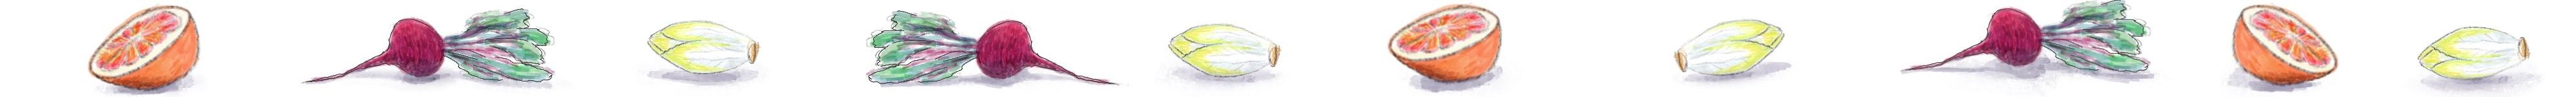 salade met bloedsinaasappel illustratie | KeukenAtelier.com